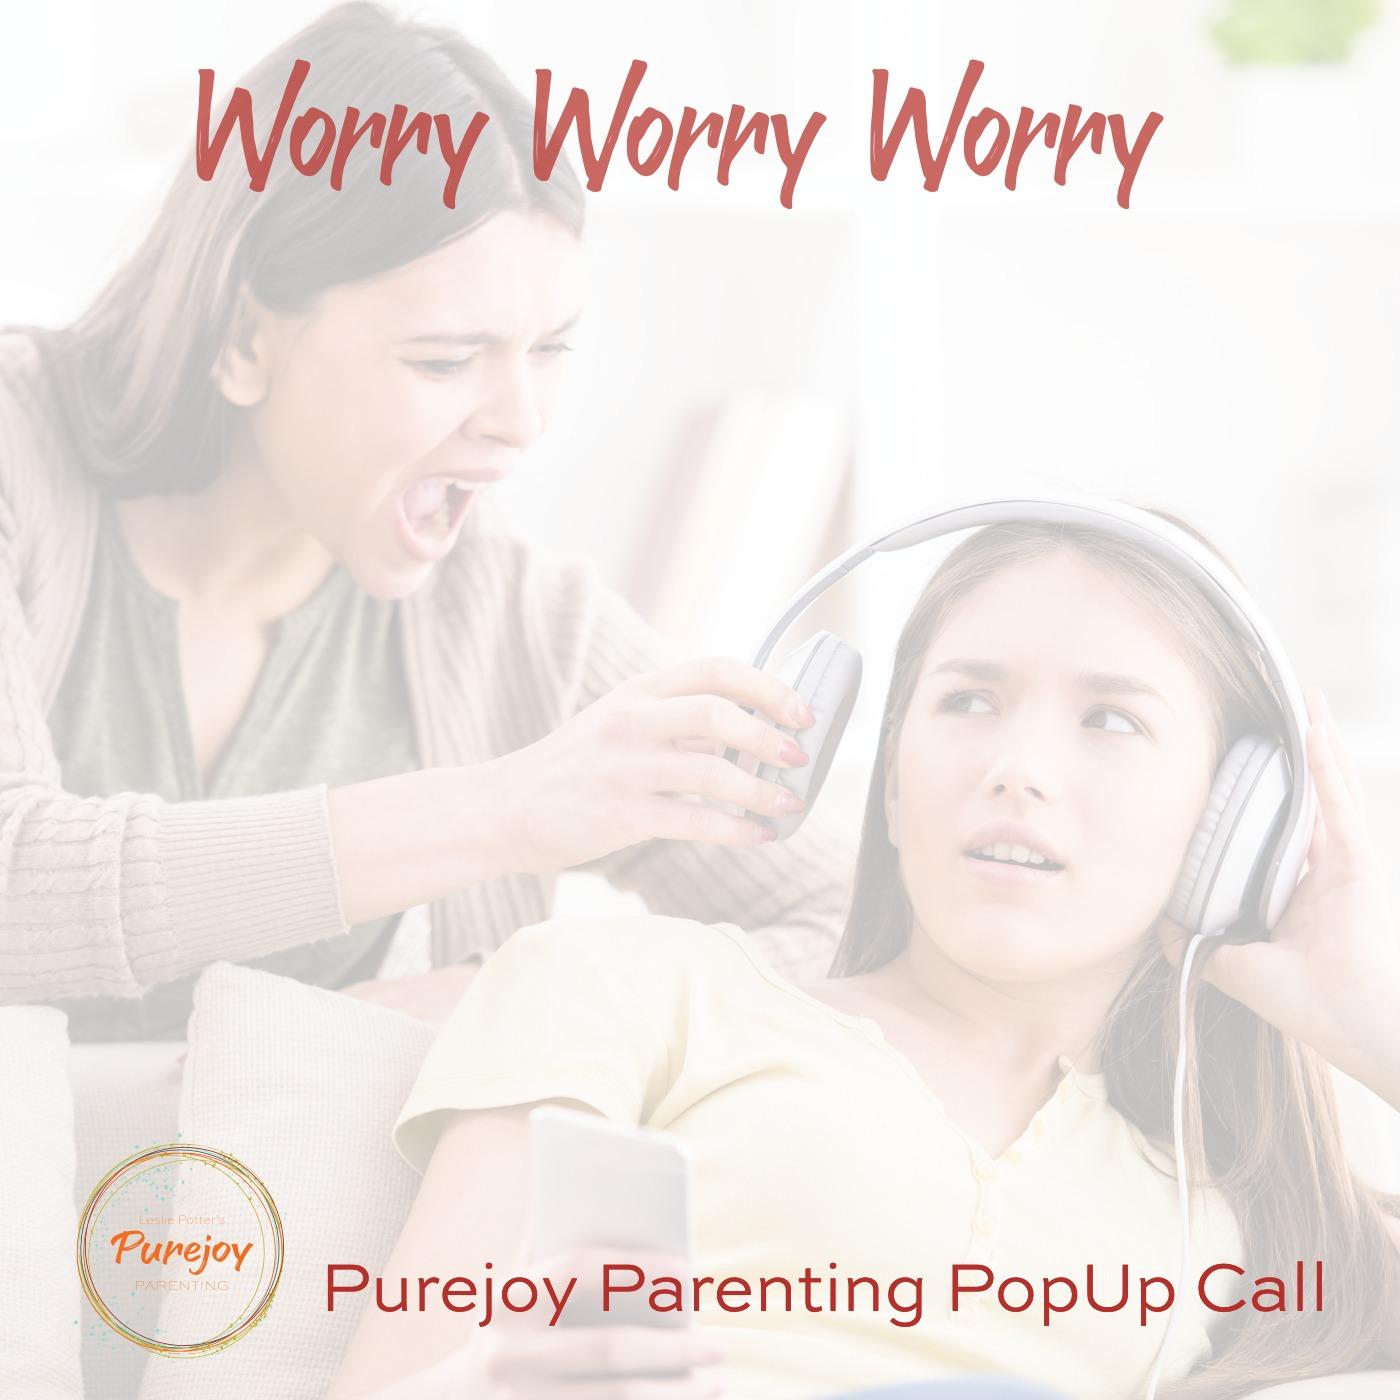 Purejoy Pop-up Call: Worry! Worry! Worry!